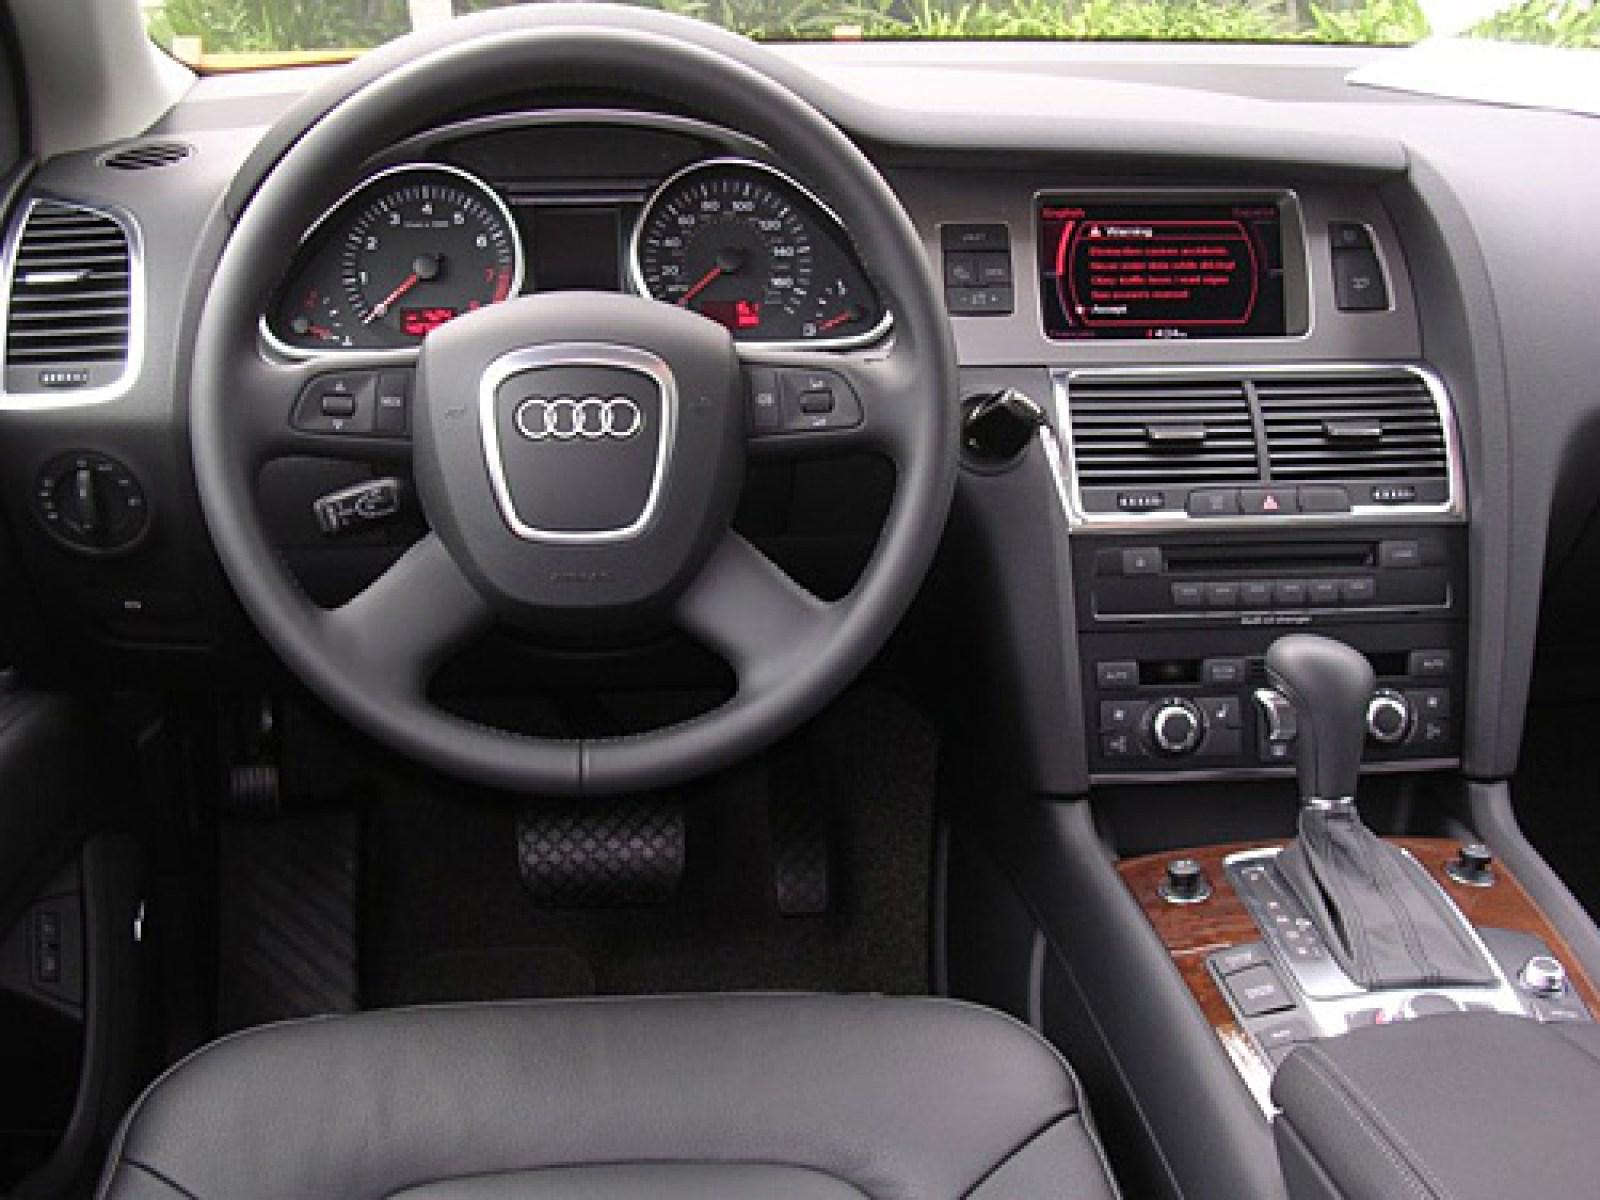 2007 Audi Q7 Interior Pictures Cargurus